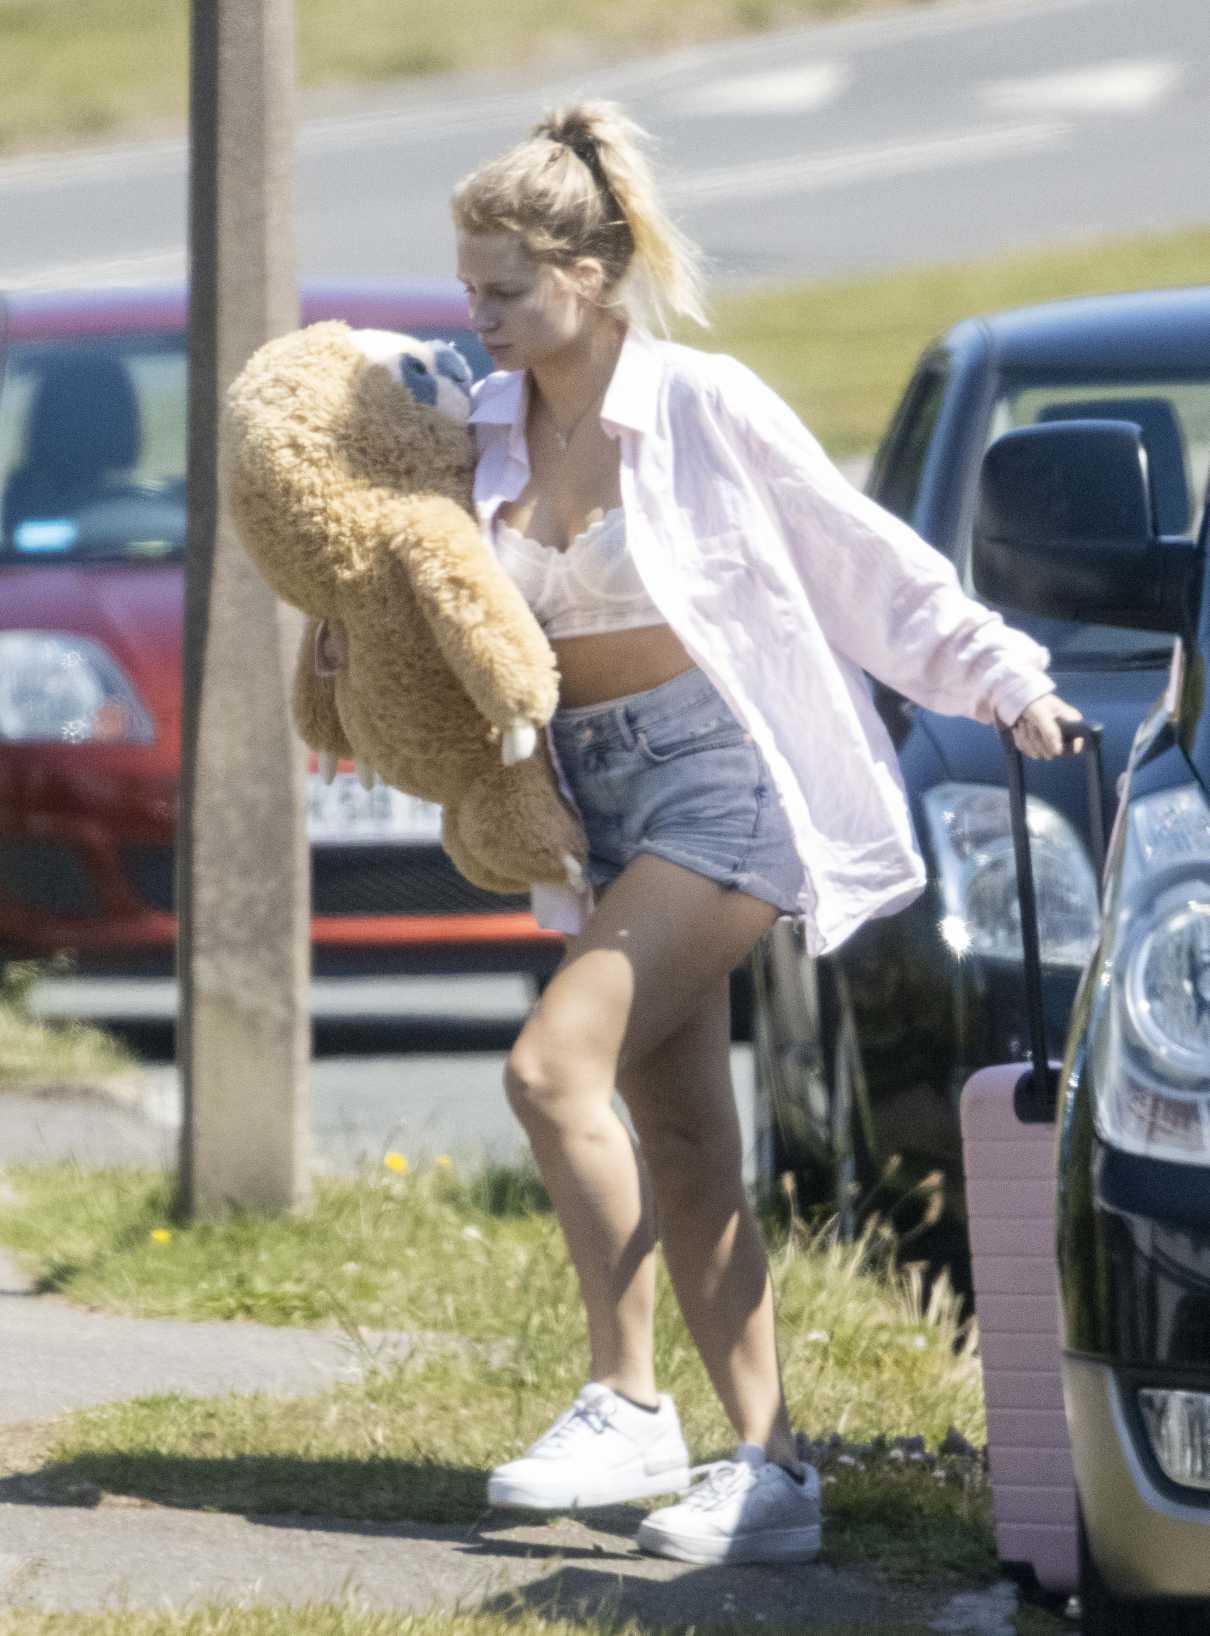 Lottie Moss in a Blue Daisy Duke Shorts